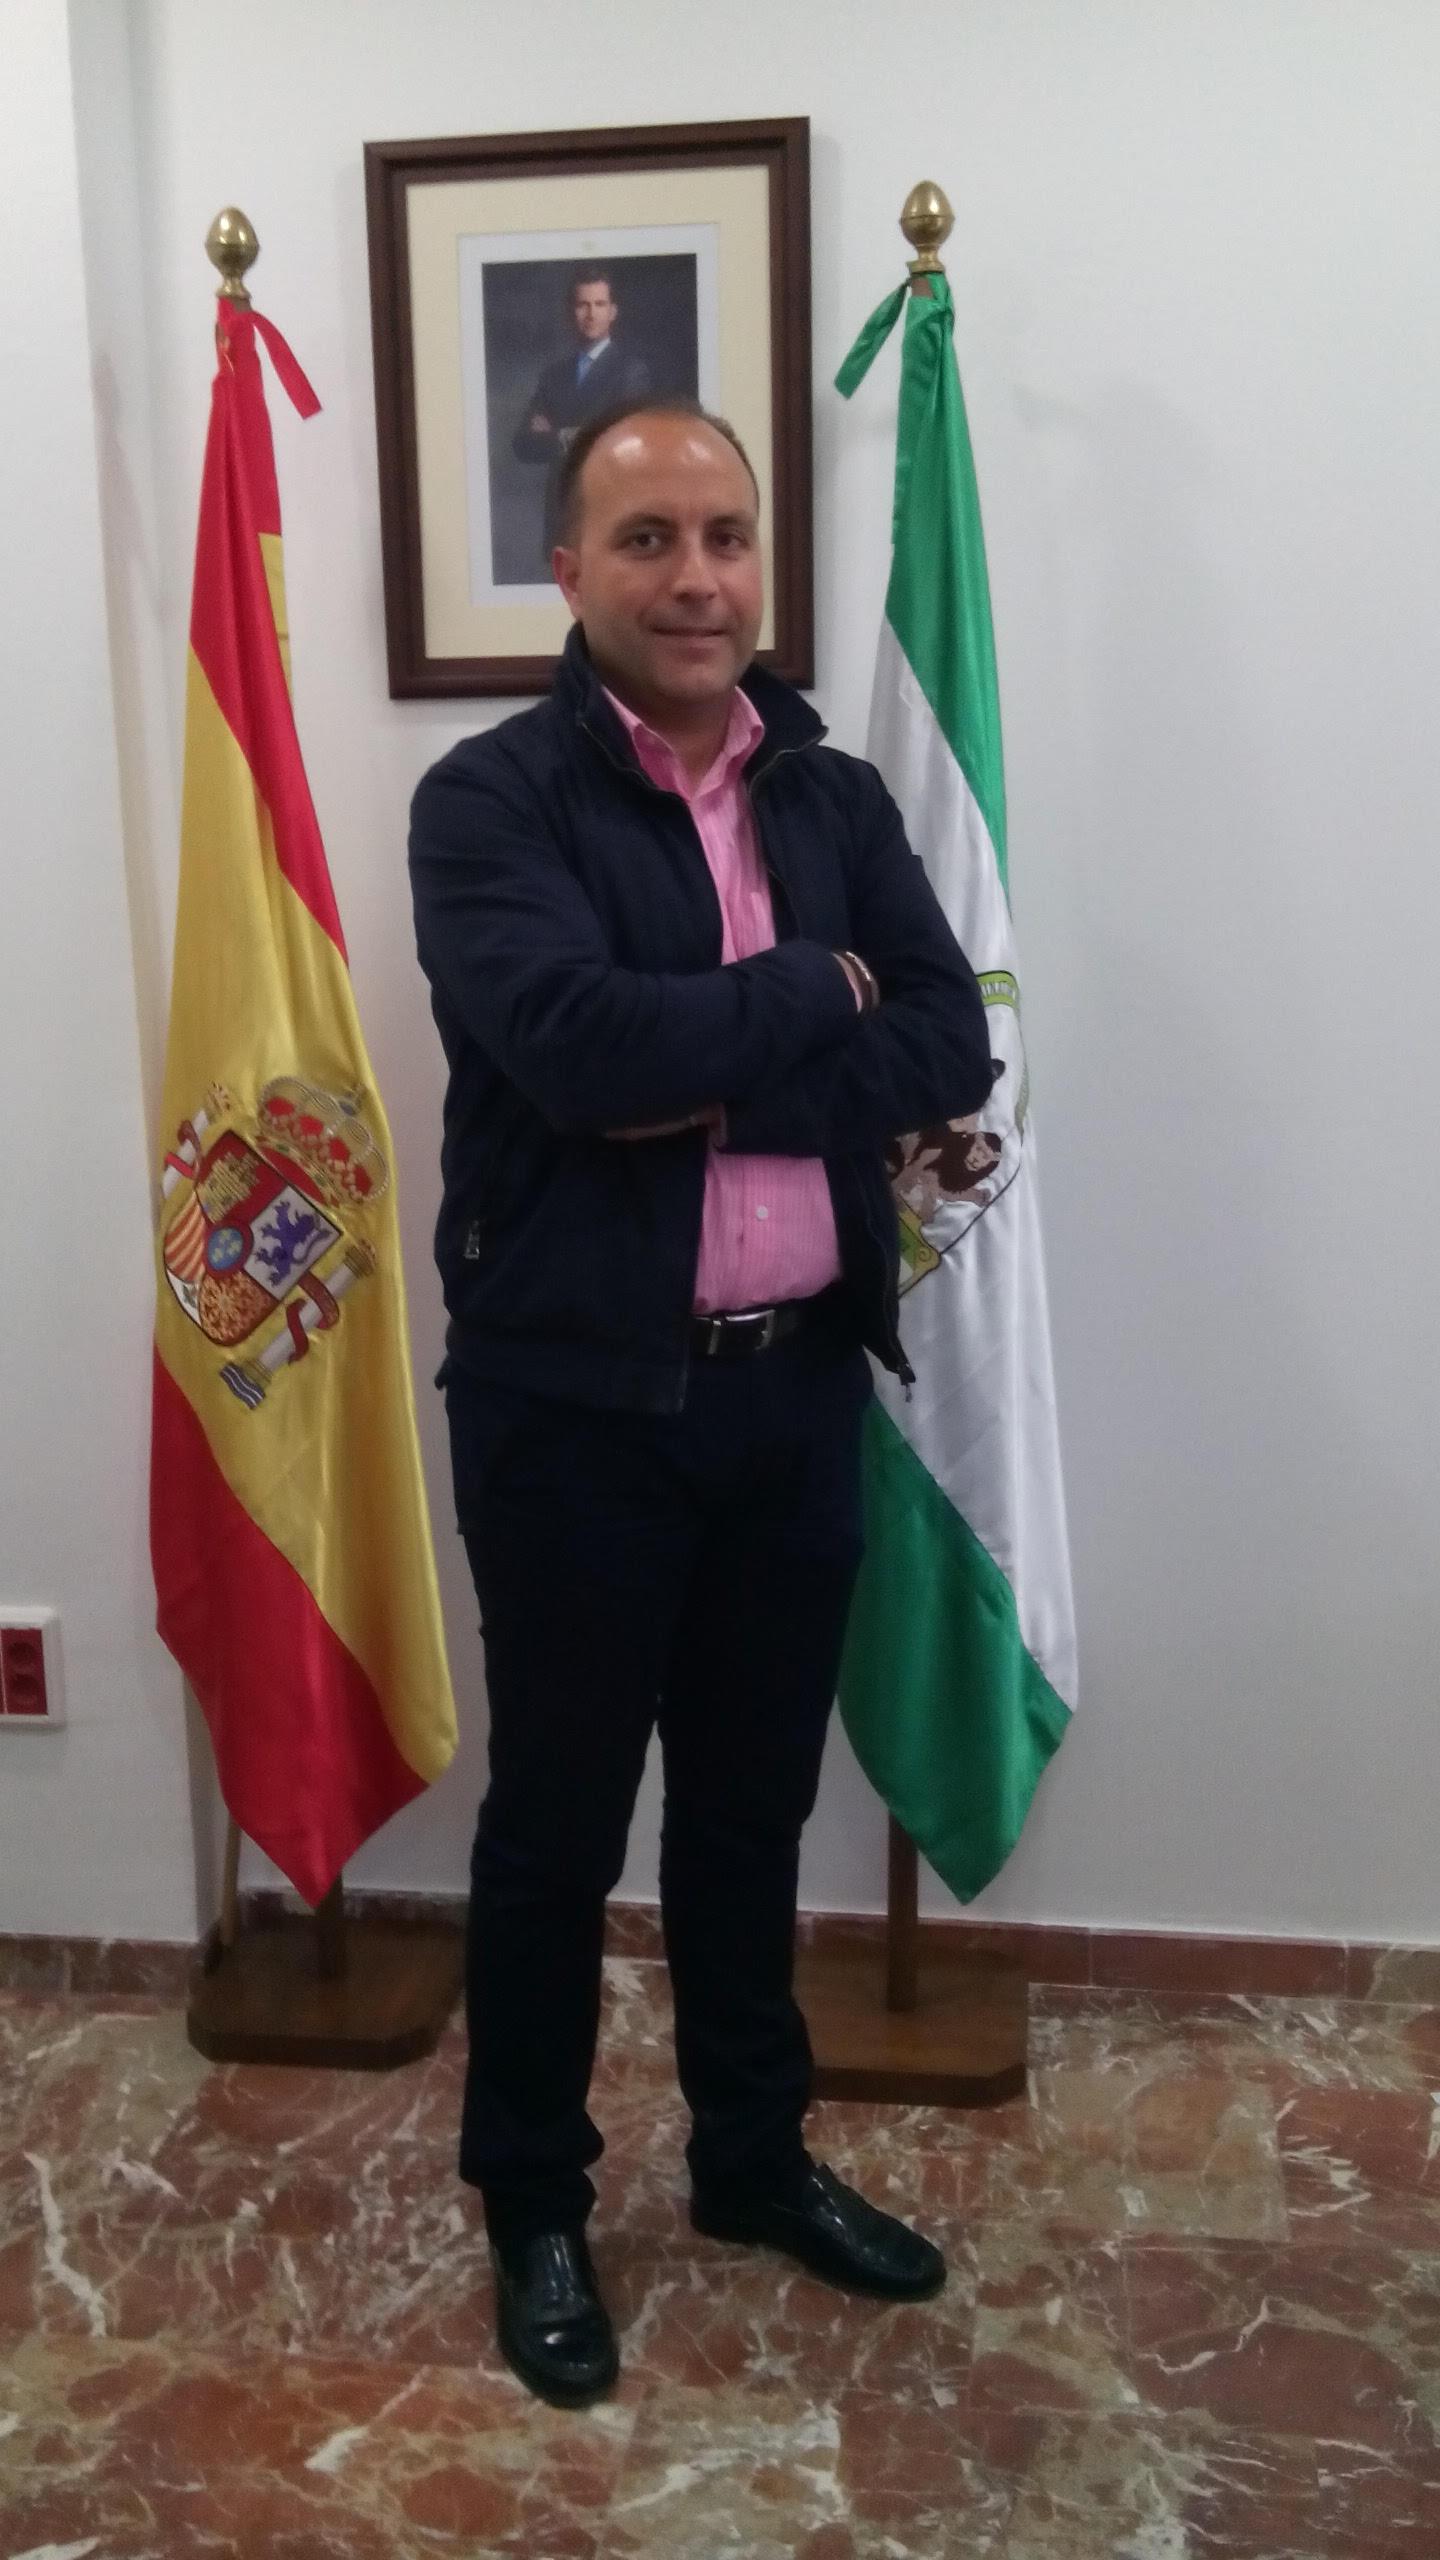 Nazario Montes Pardo